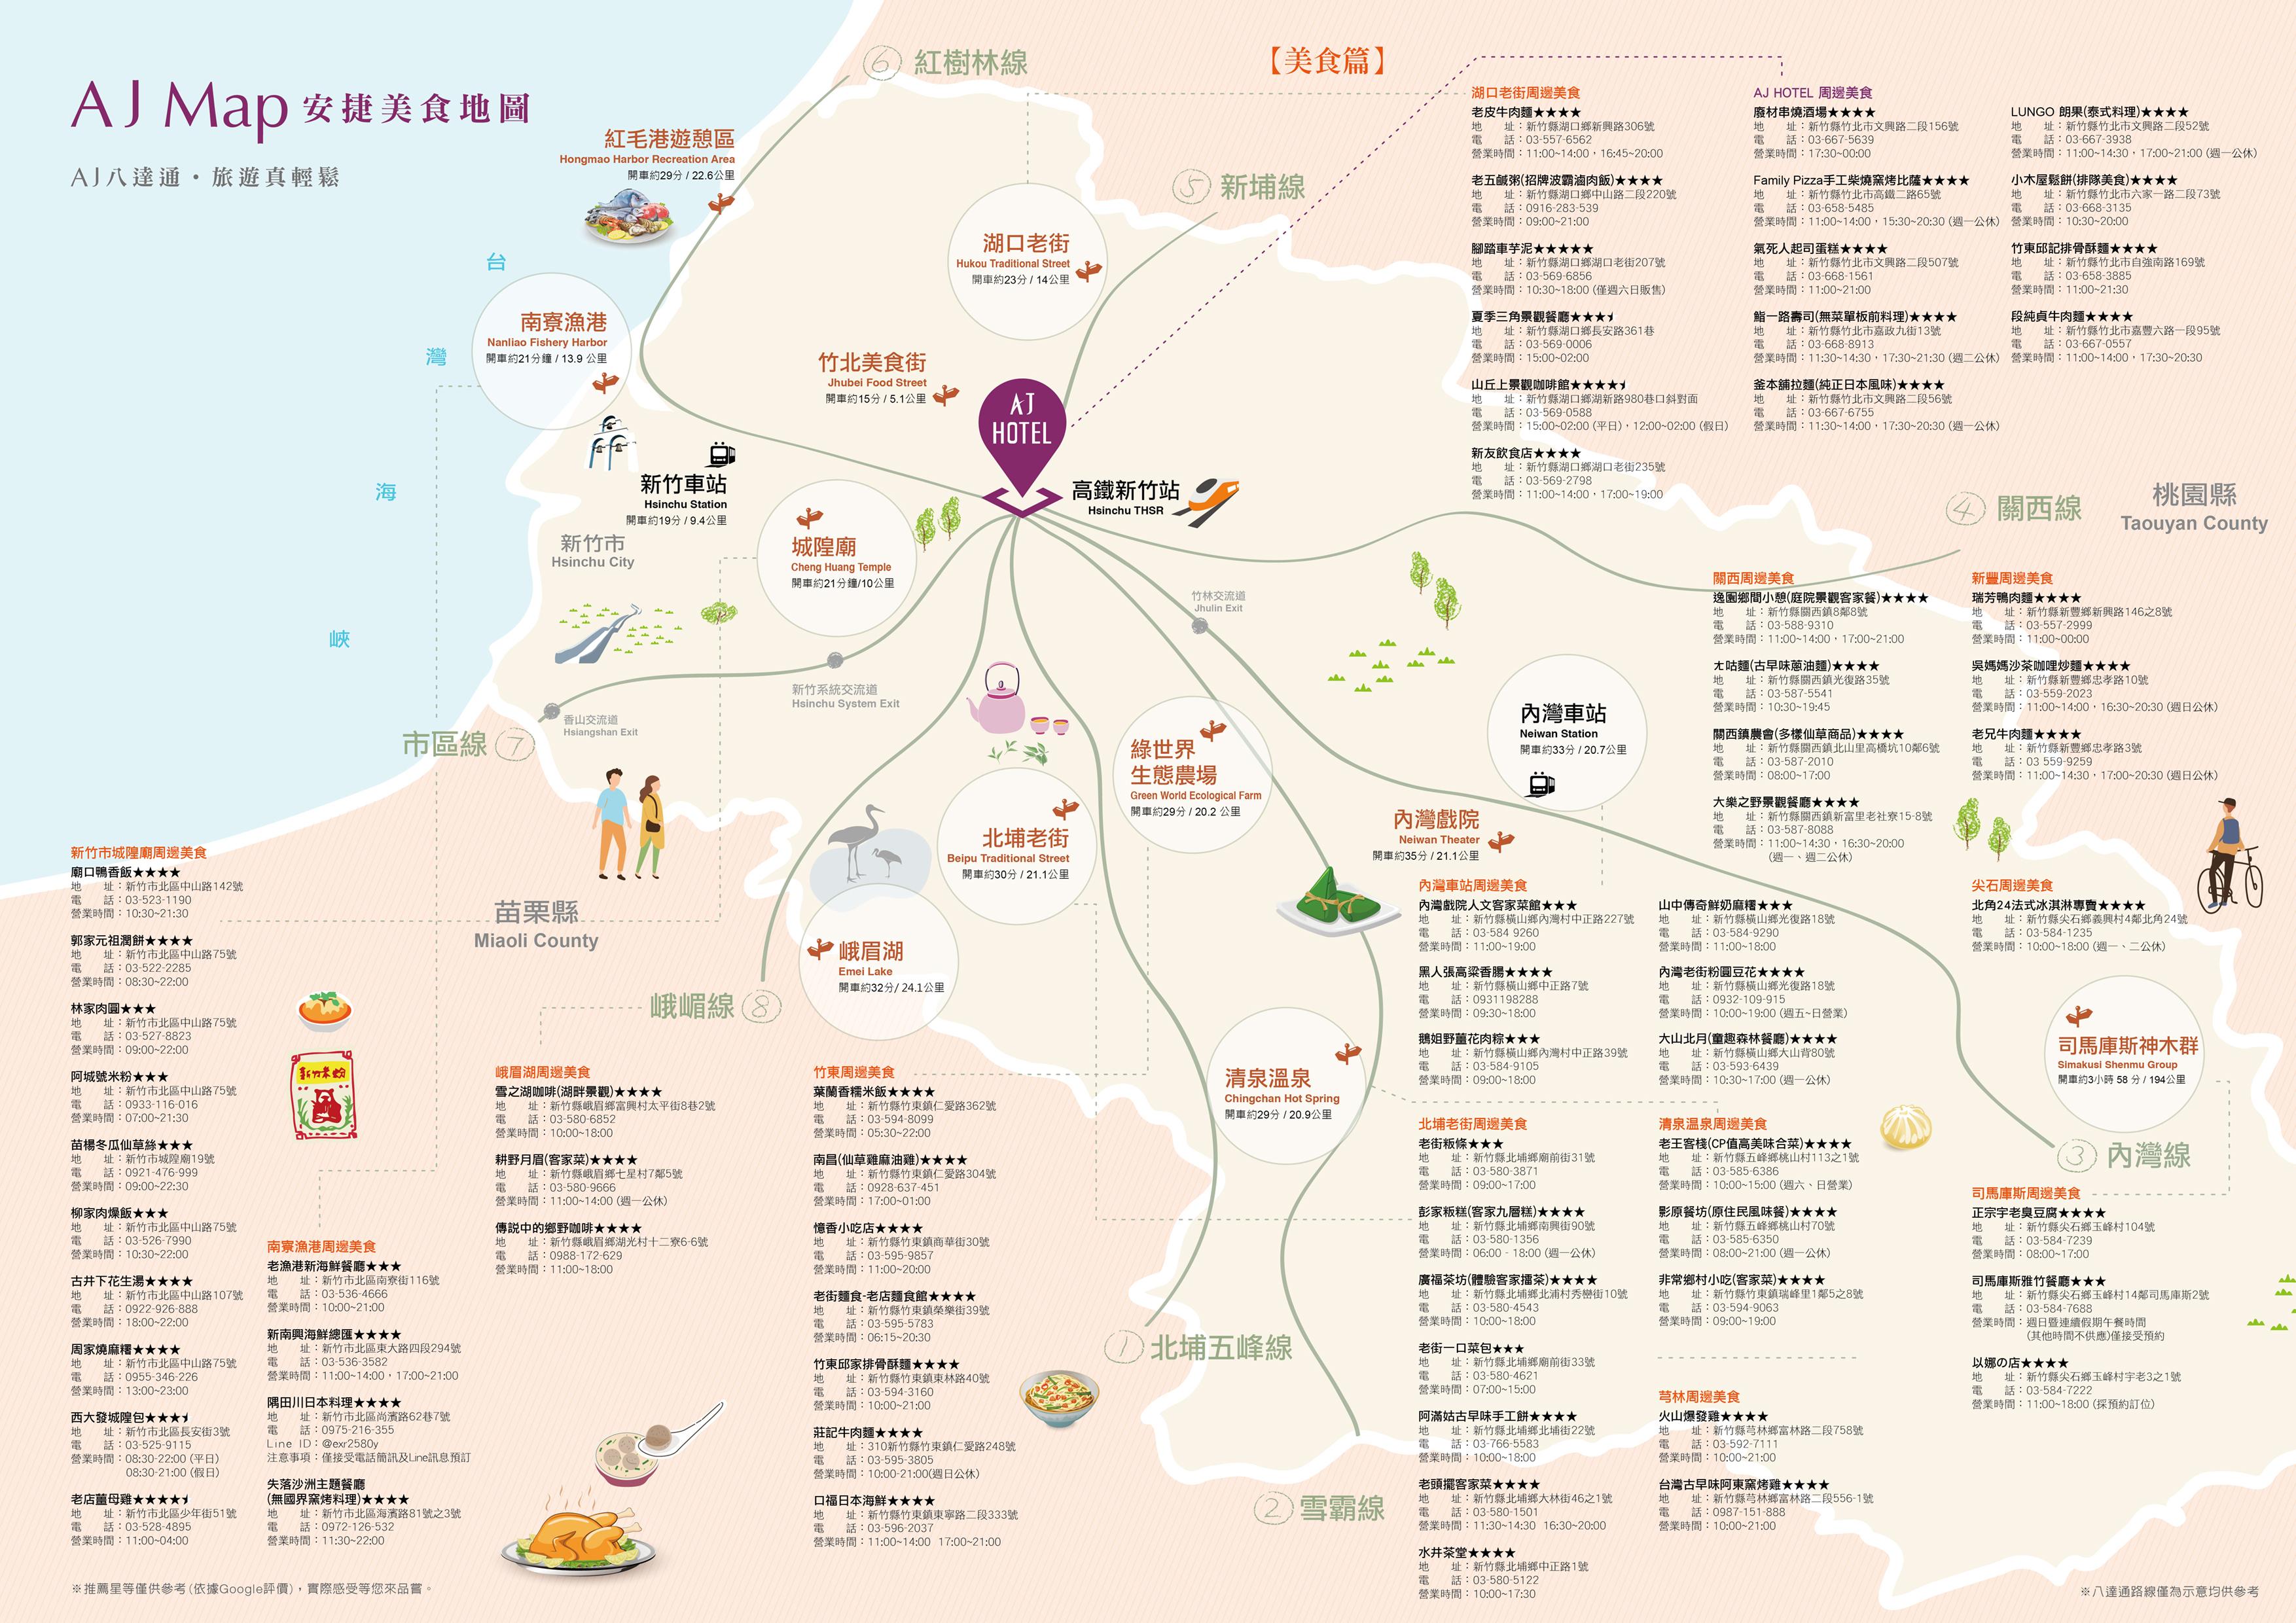 新竹安捷-美食地圖-Cindy180919-OK-1